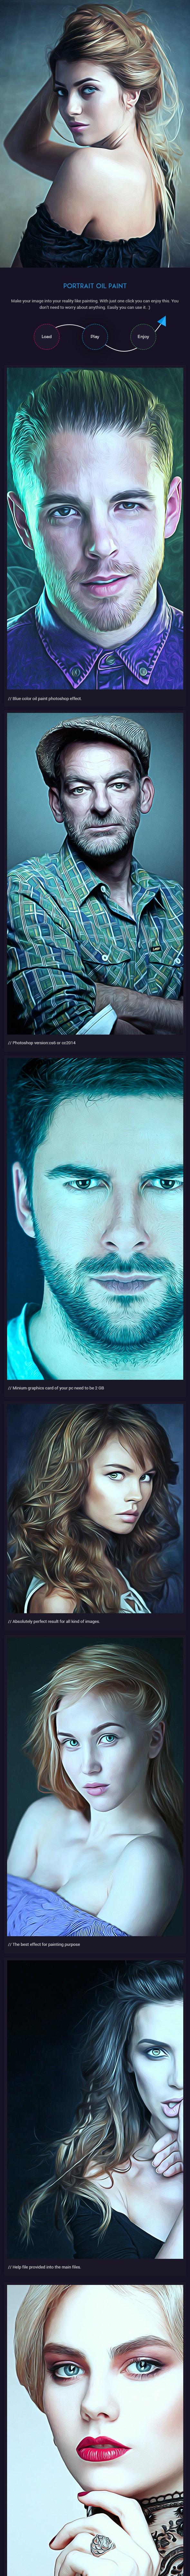 Portrait Oil Paint - Photo Effects Actions